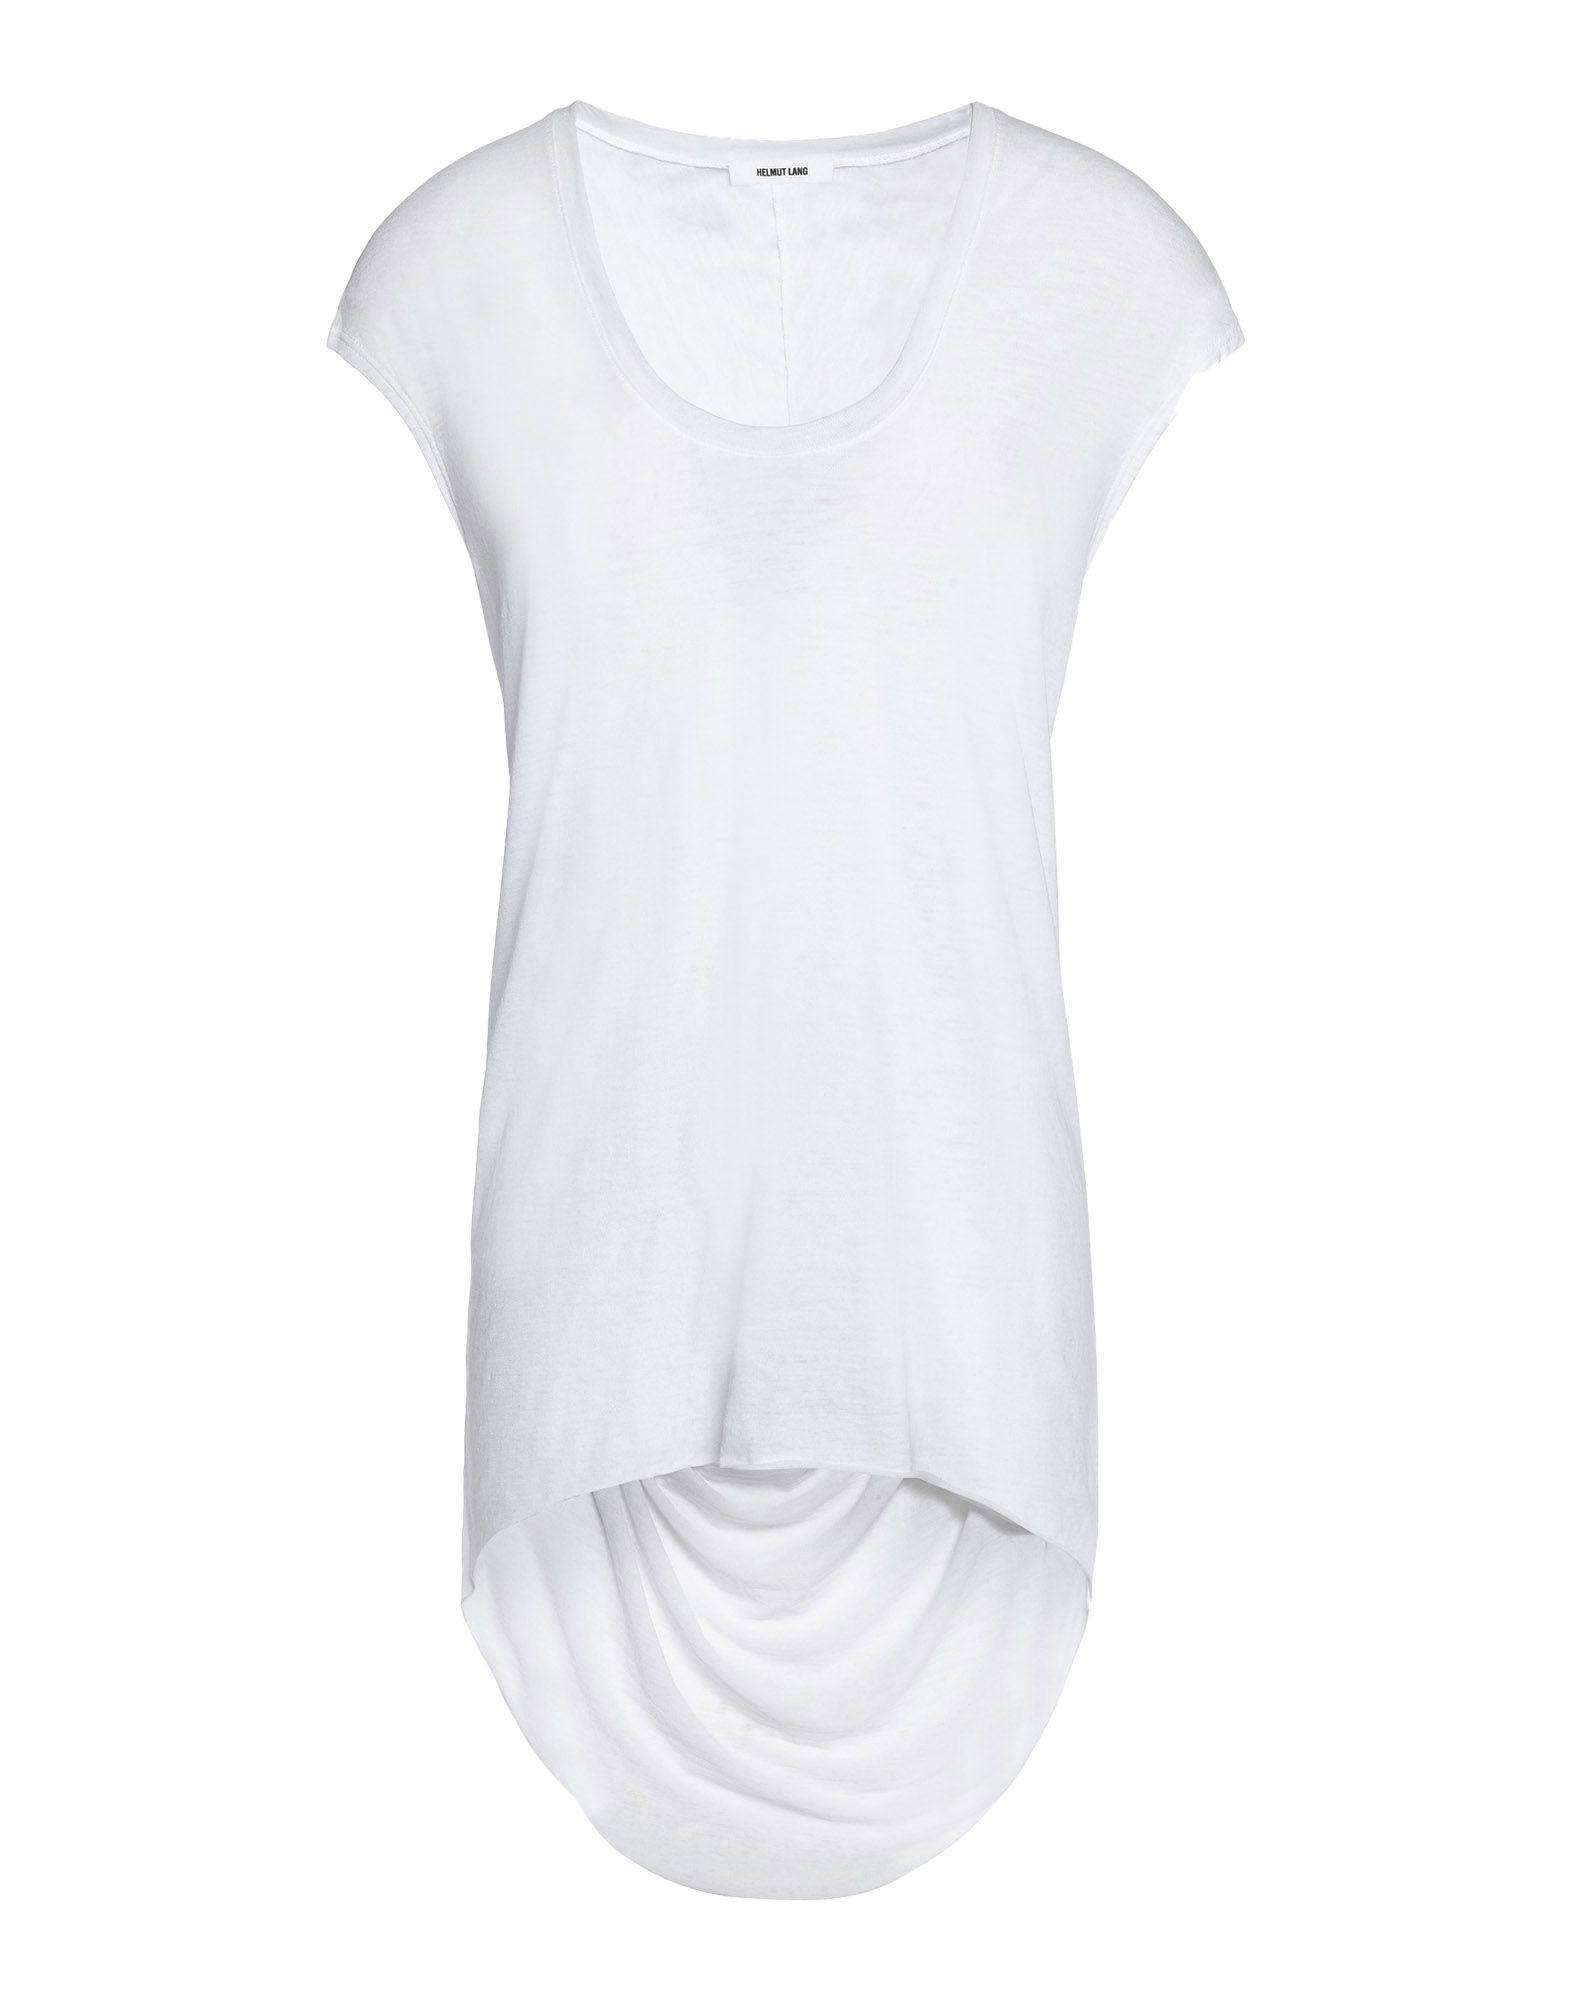 HELMUT LANG Футболка helmut lang футболка с длинными рукавами и накладками на локтях